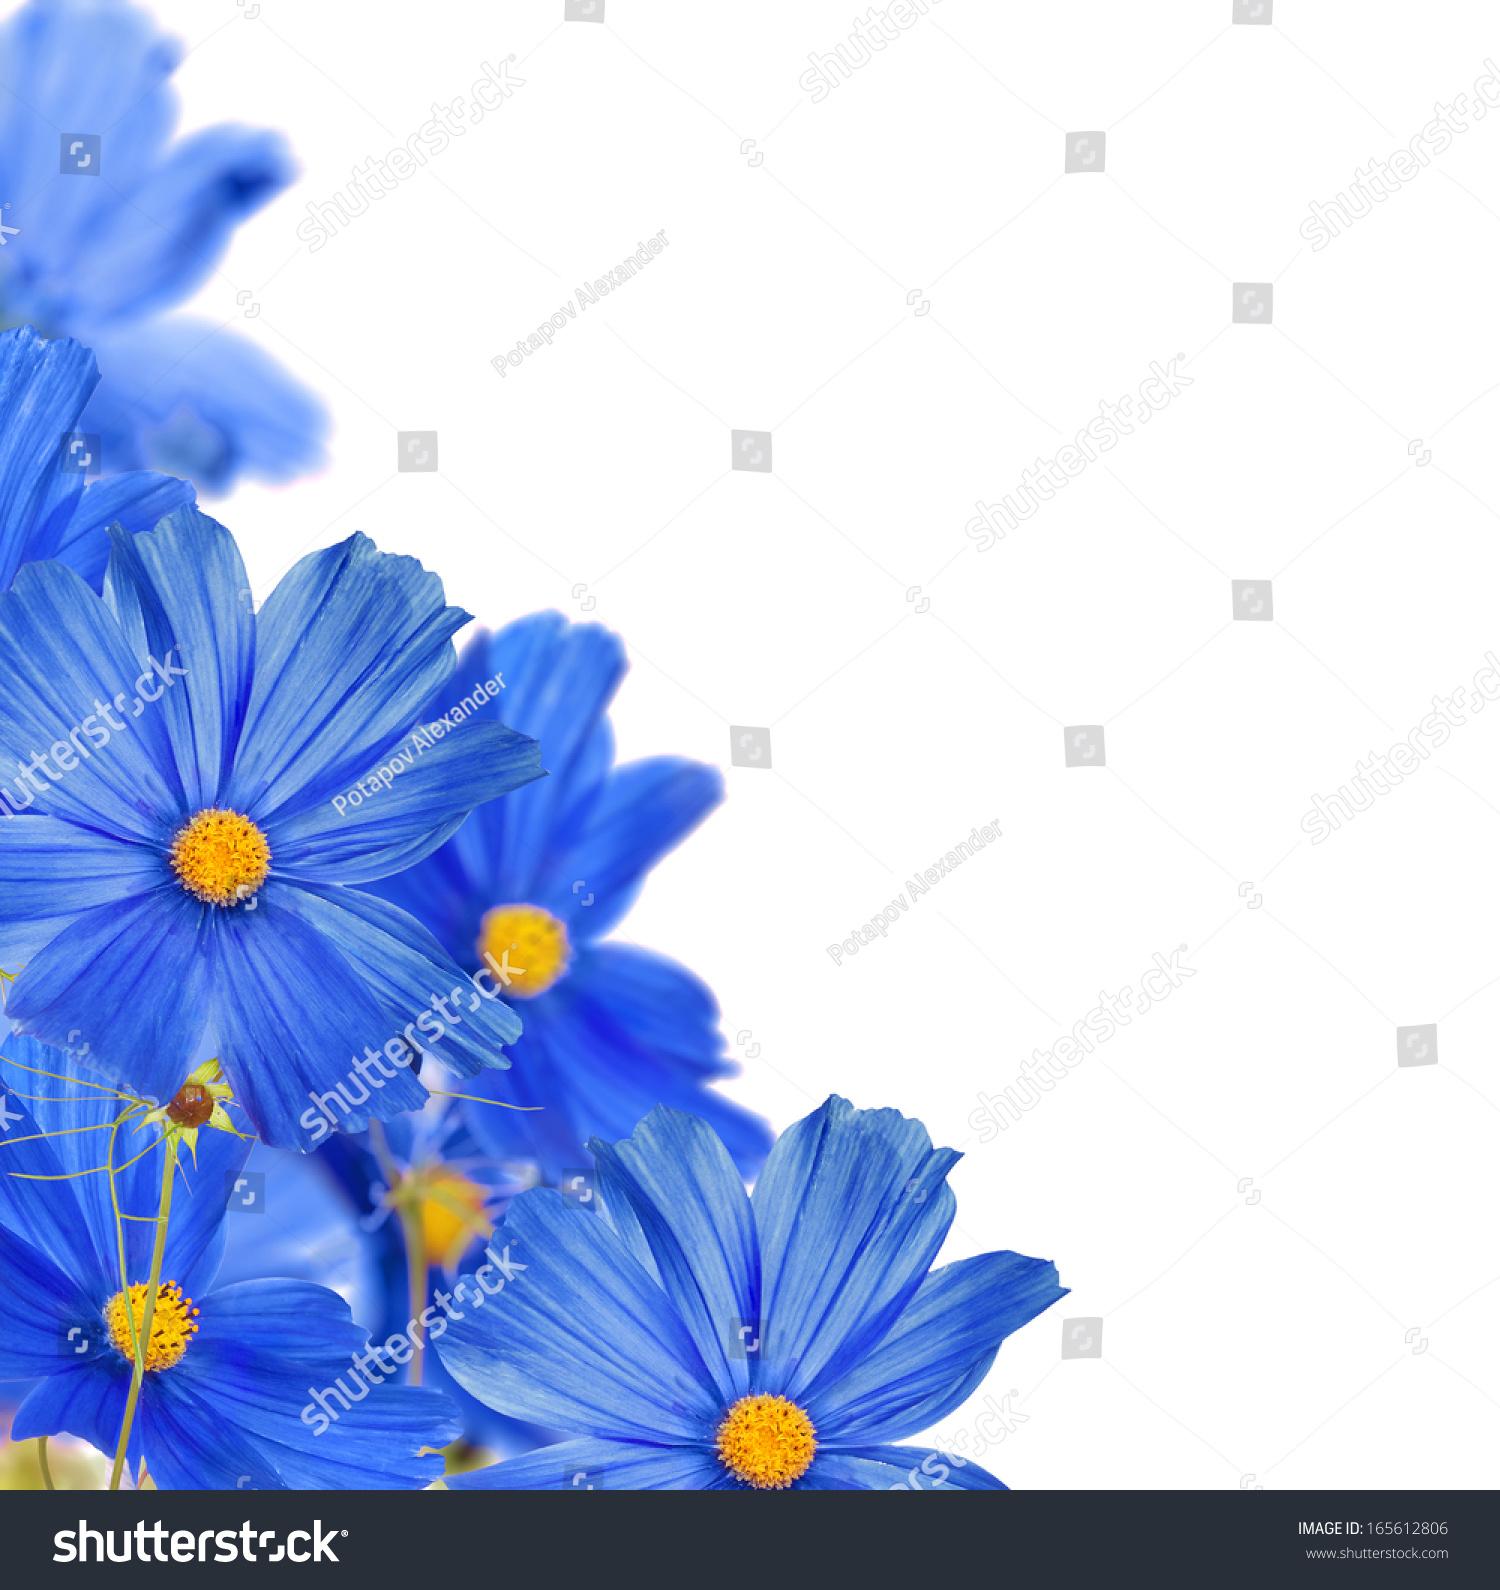 Large blue flowers corner isolated on stock photo royalty free large blue flowers corner isolated on white background izmirmasajfo